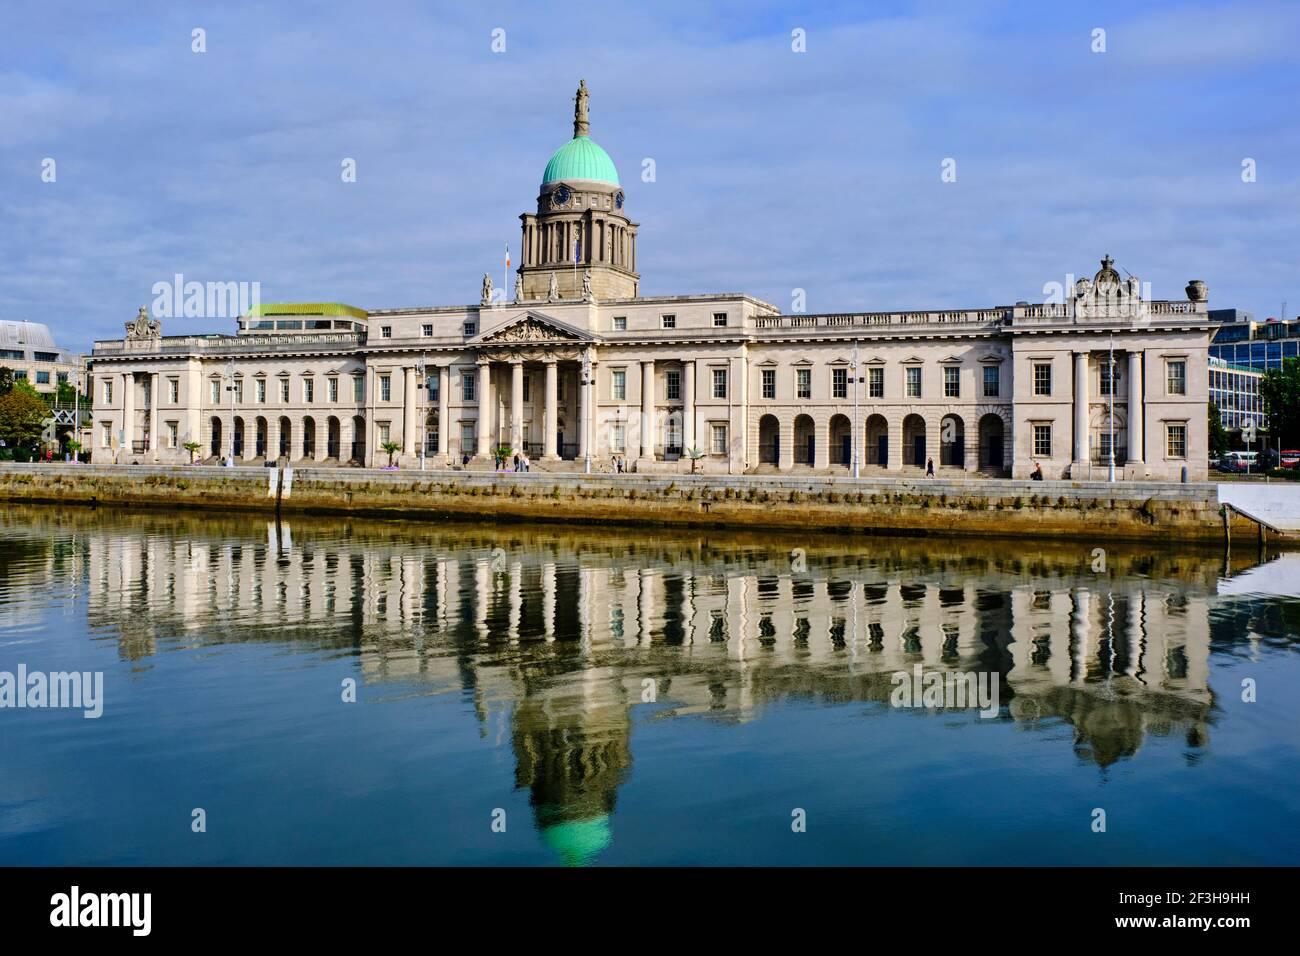 République d'Irlande; Dublin, la Custom House, UN bâtiment néoclassique du XVIIIe siècle conçu par James Gandon Banque D'Images